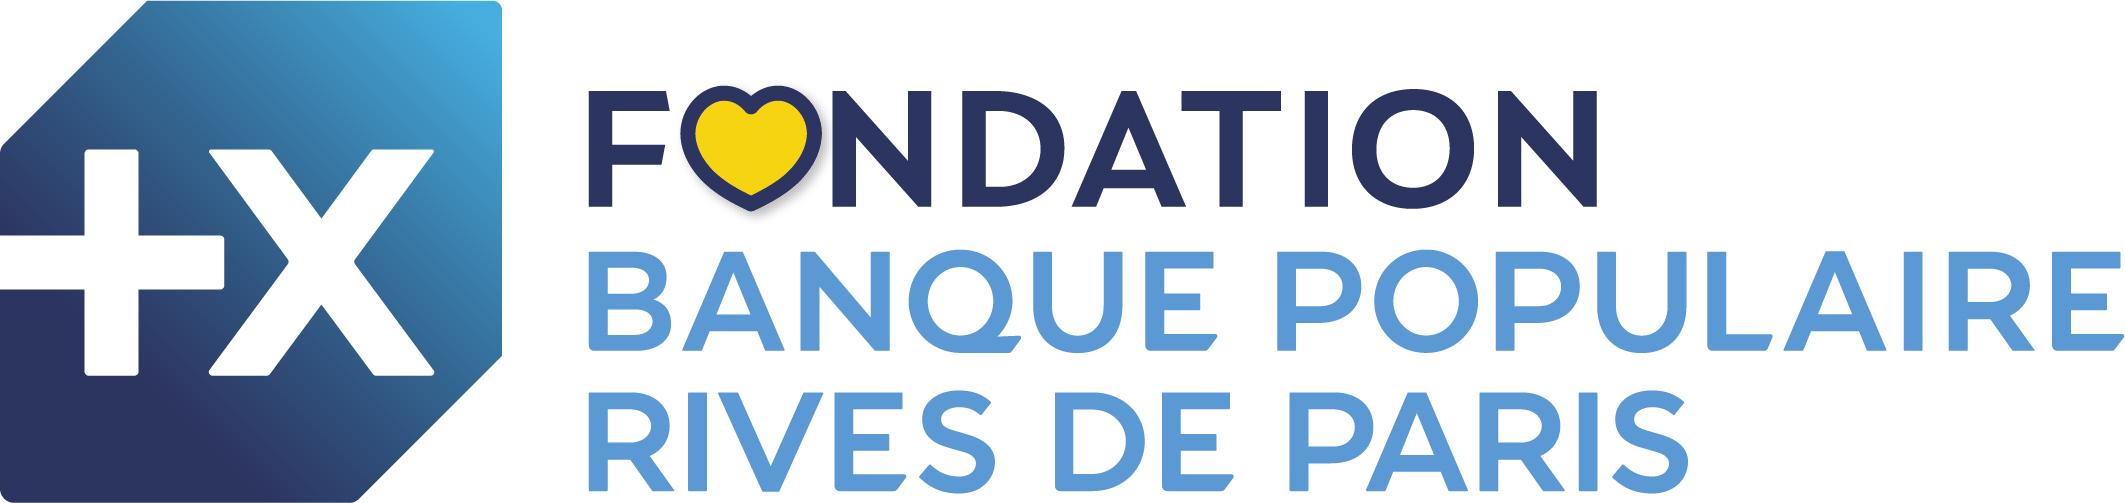 Logo de la Fondation Banque Populaire Rive de Paris